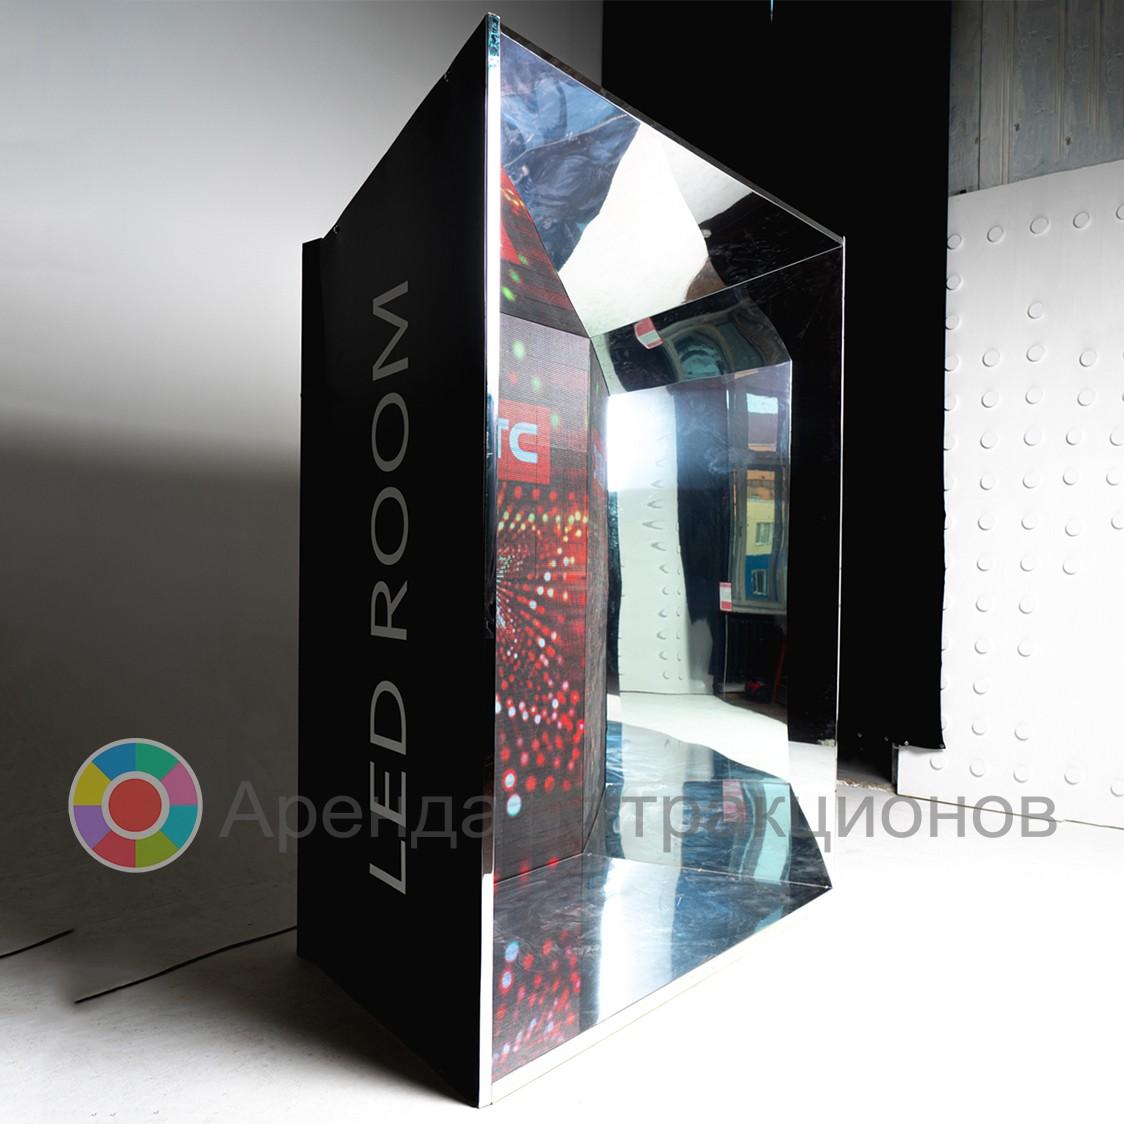 Фотозона LED Калейдоскоп для гостей мероприятия